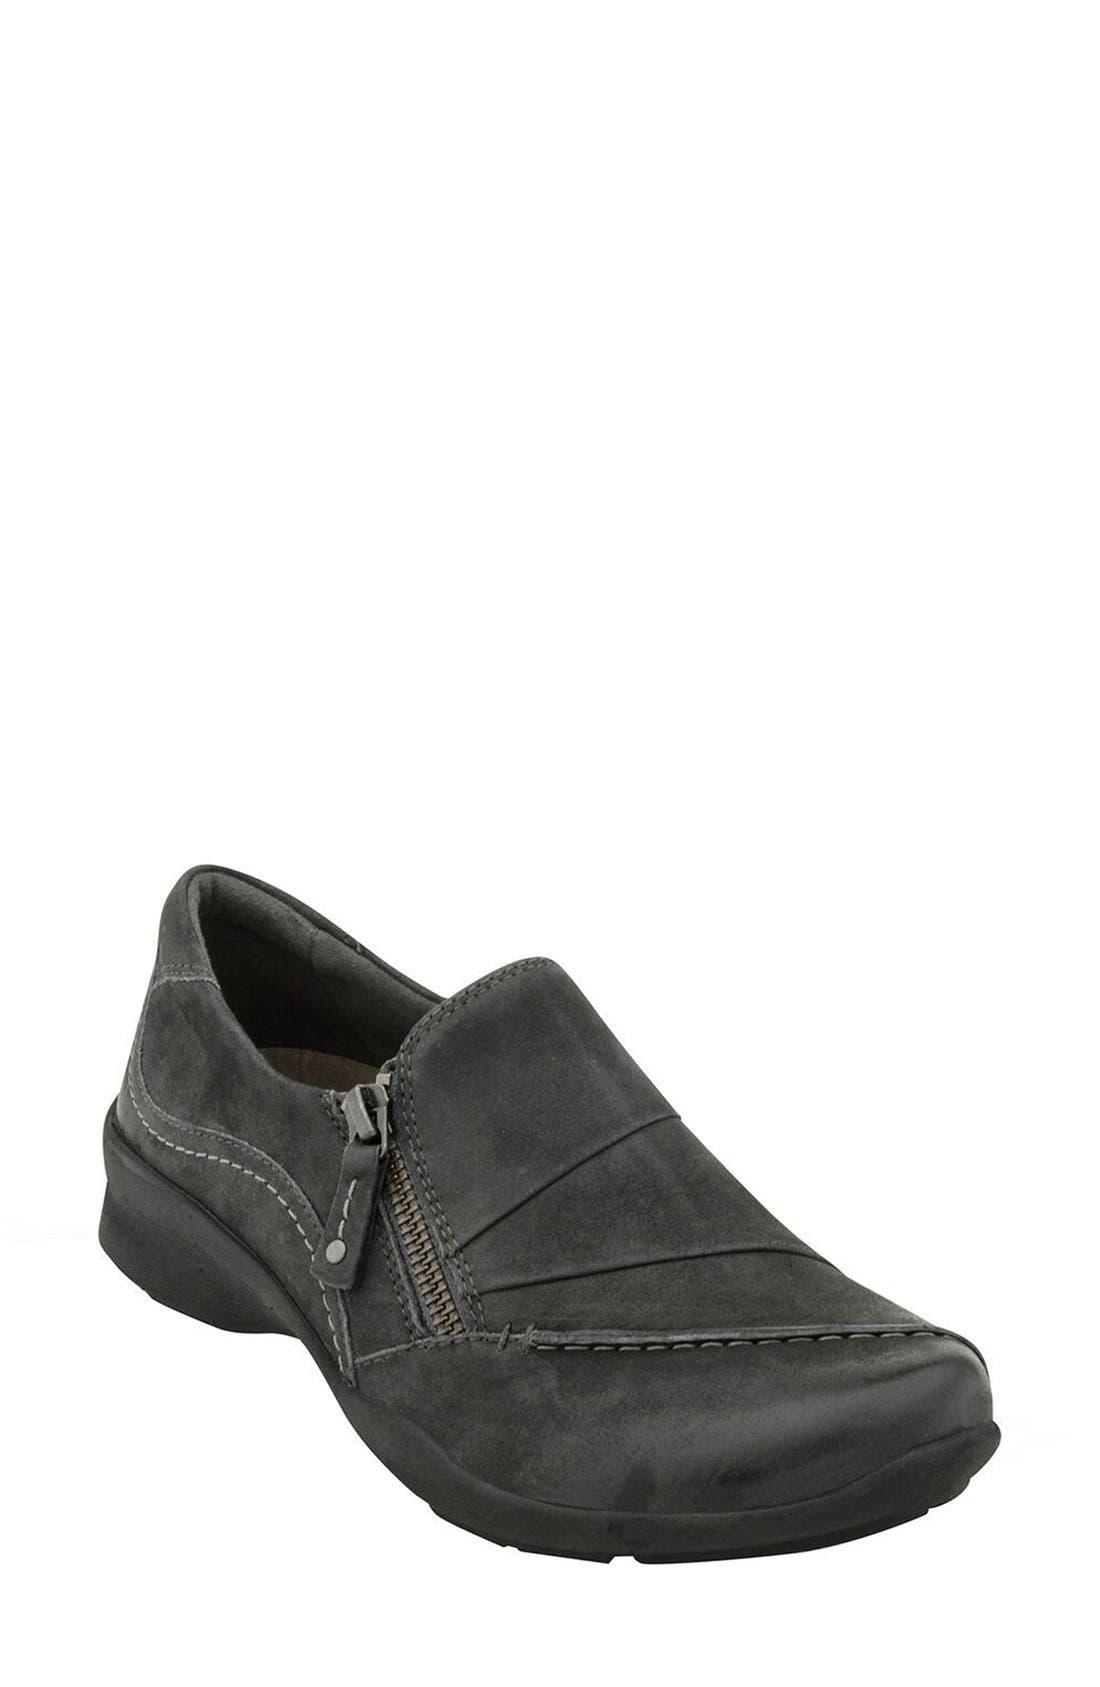 Alternate Image 1 Selected - Earth® 'Anise' Slip-On Sneaker (Women)